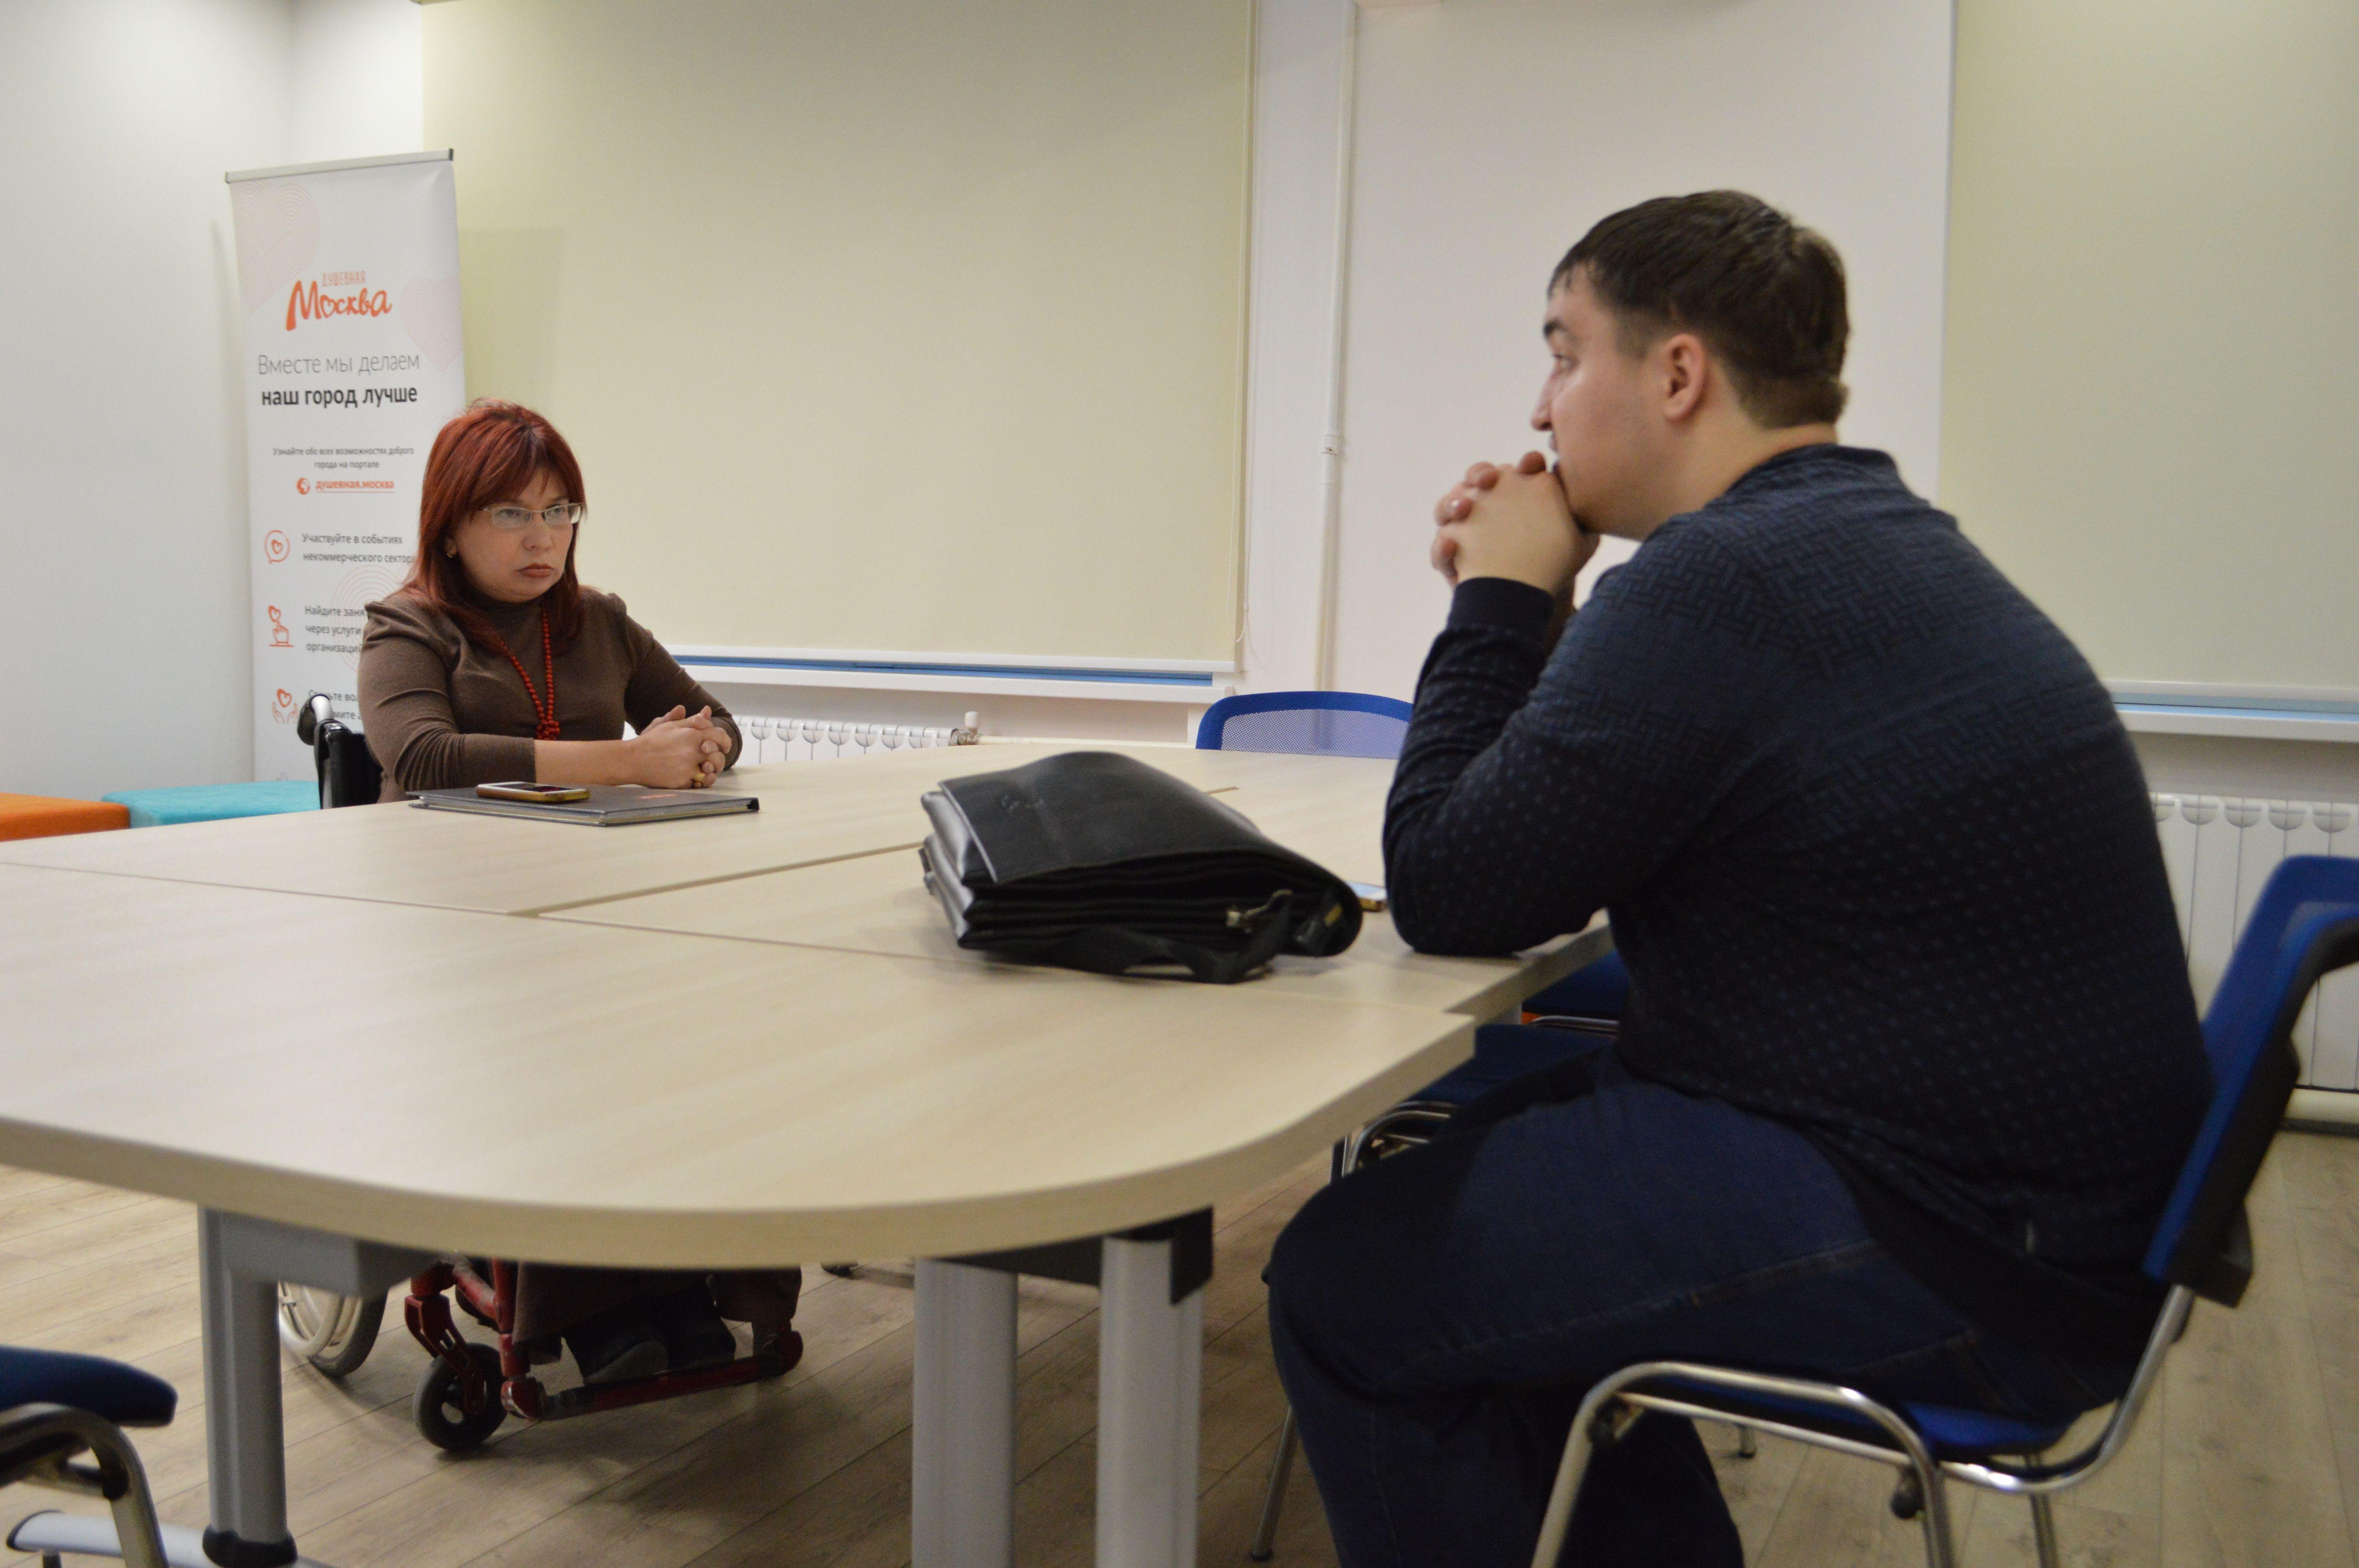 Лекторий на тему: «Оформление индивидуальной программы реабилитации и абилитации инвалидов (ИПРА) и получение технических средств реабилитации (ТСР)»